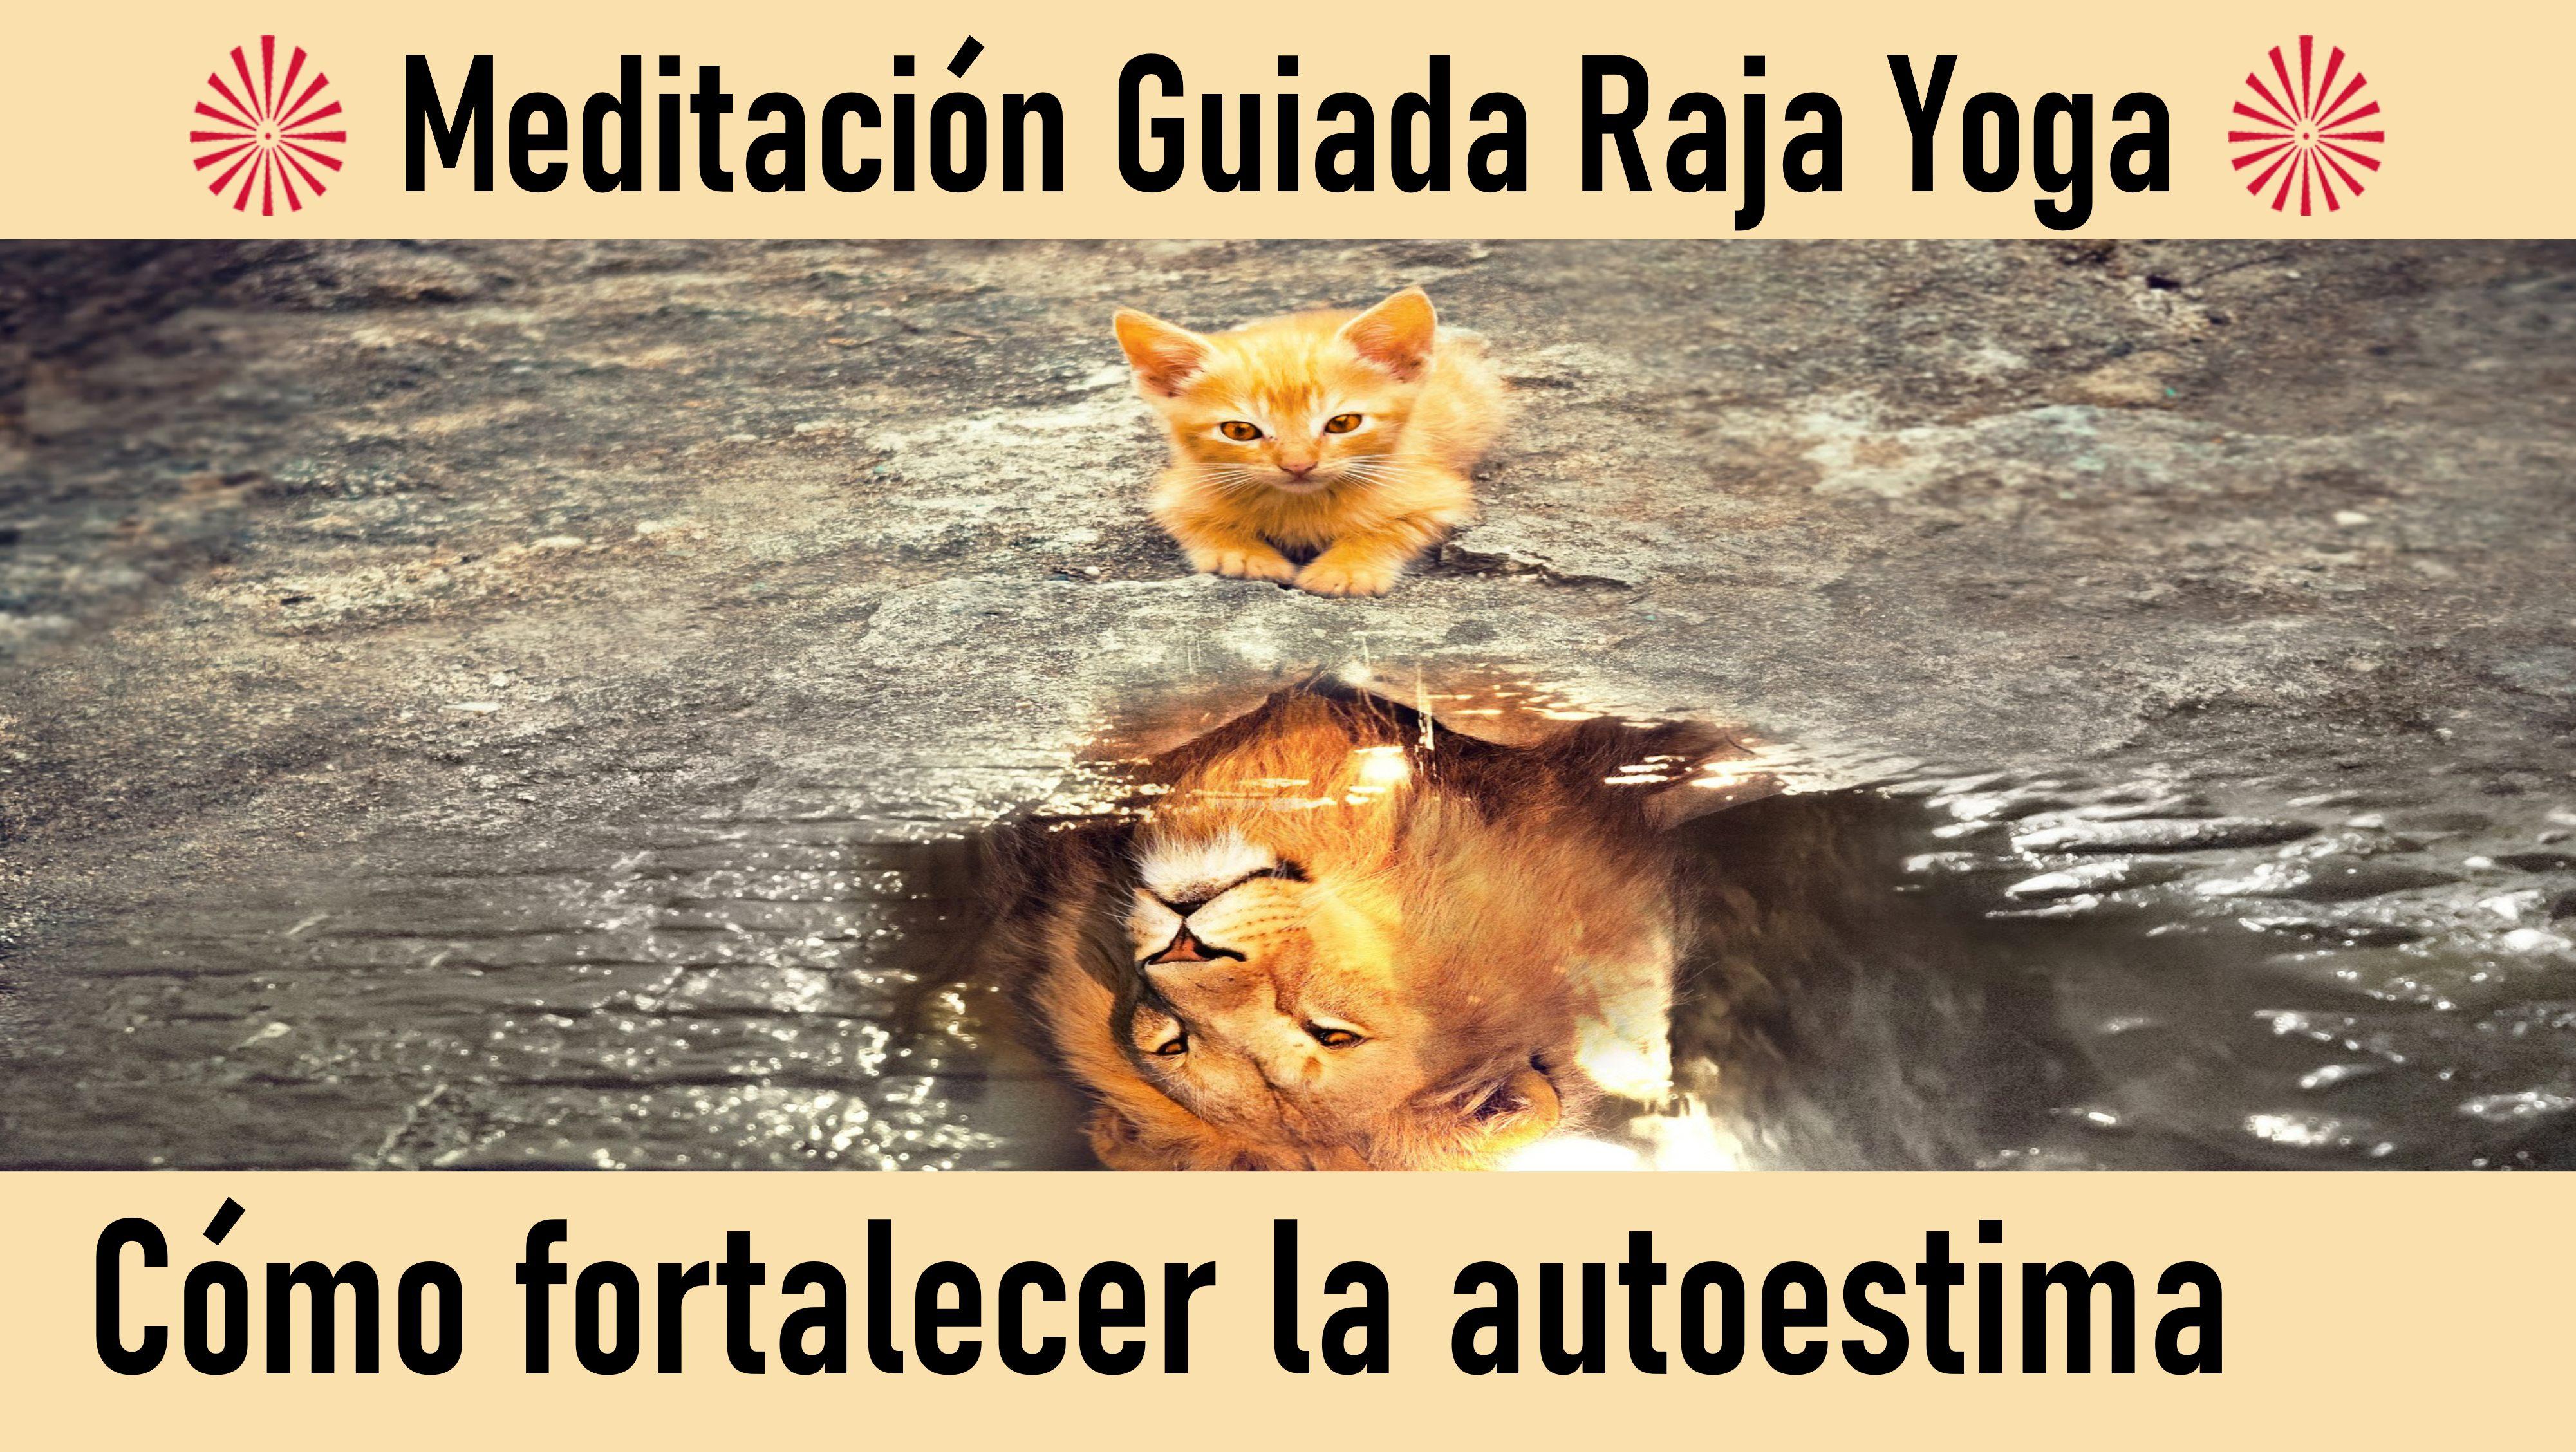 Meditación Raja Yoga: Cómo fortalecer la autoestima (12 Julio 2020) On-line desde Valencia